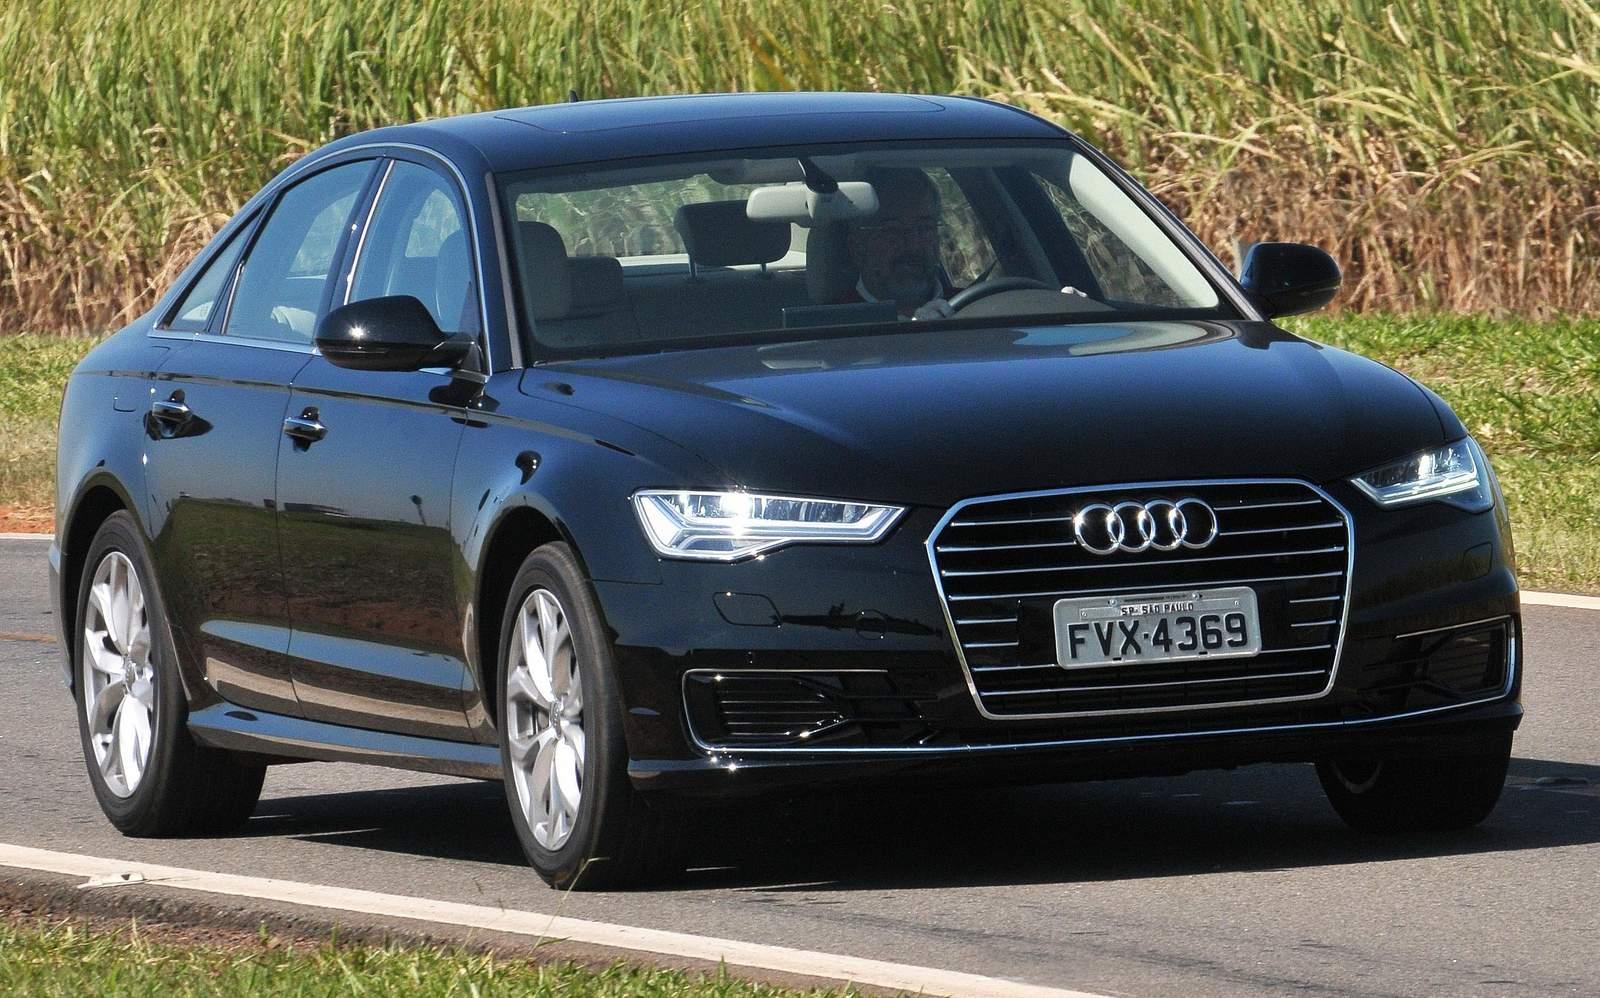 Audi A6 - sucessor espiritual do Audi 100 - atualmente na 7ª geração